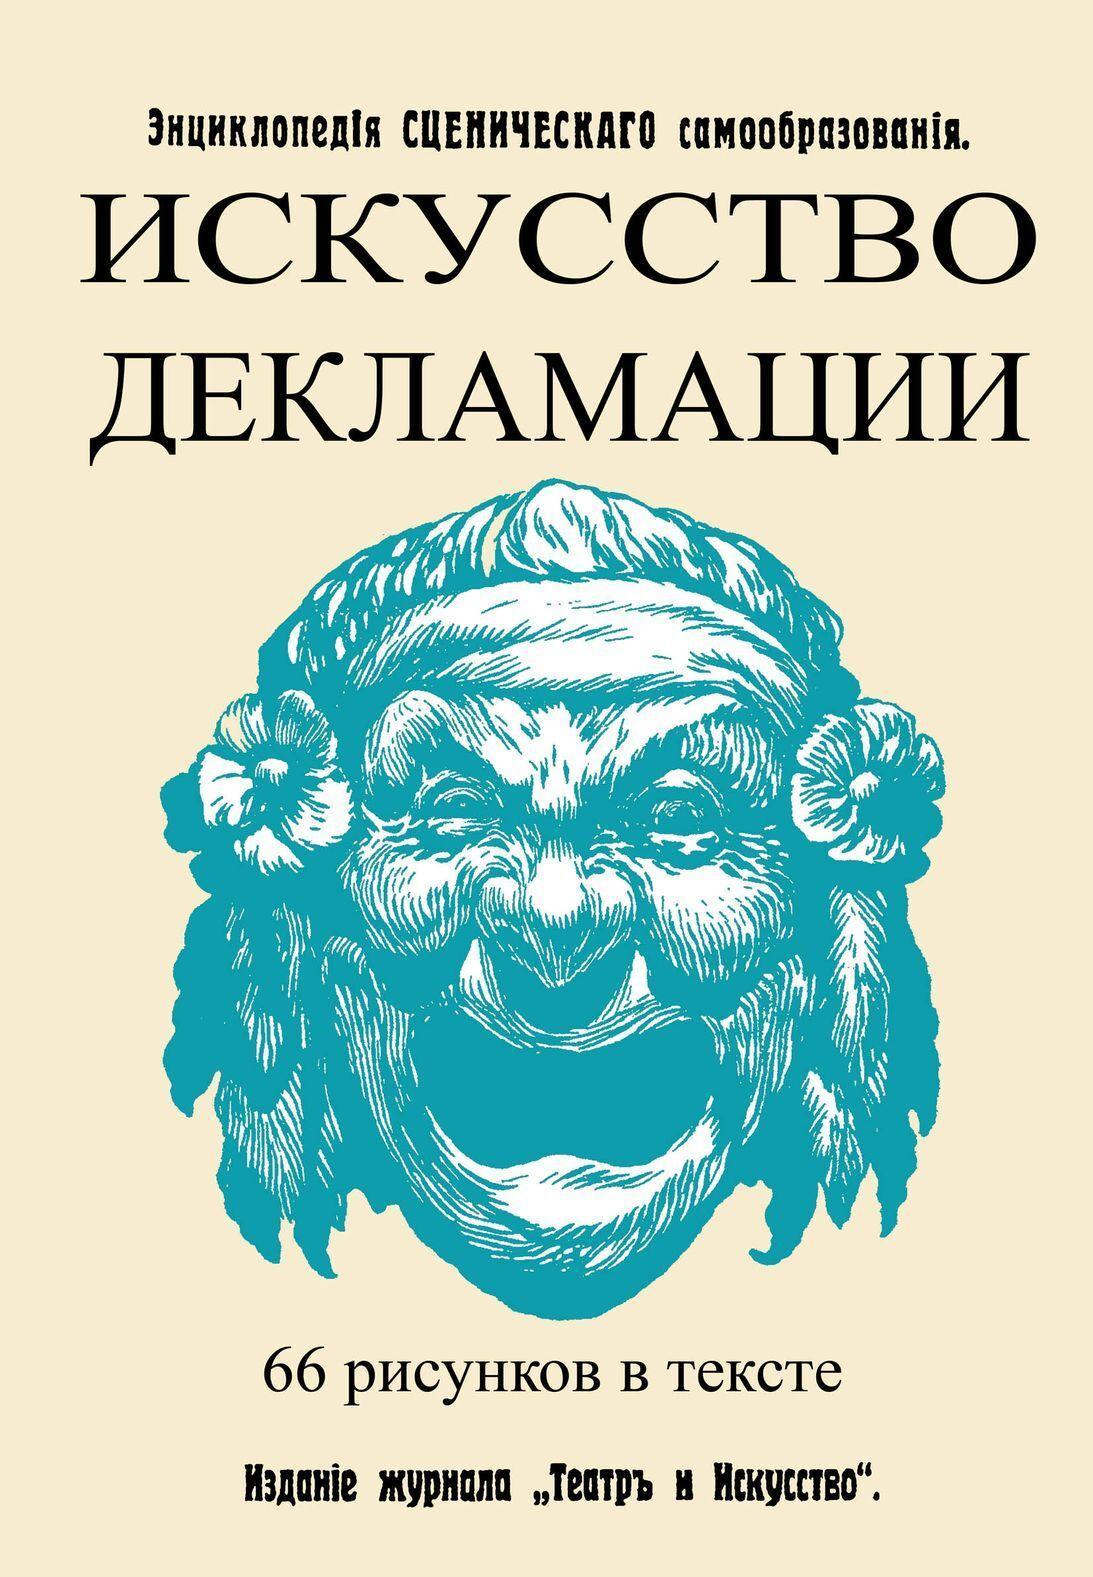 Iskusstvo deklamatsii | Sladkopevtsev Vladimir Vladimirovich